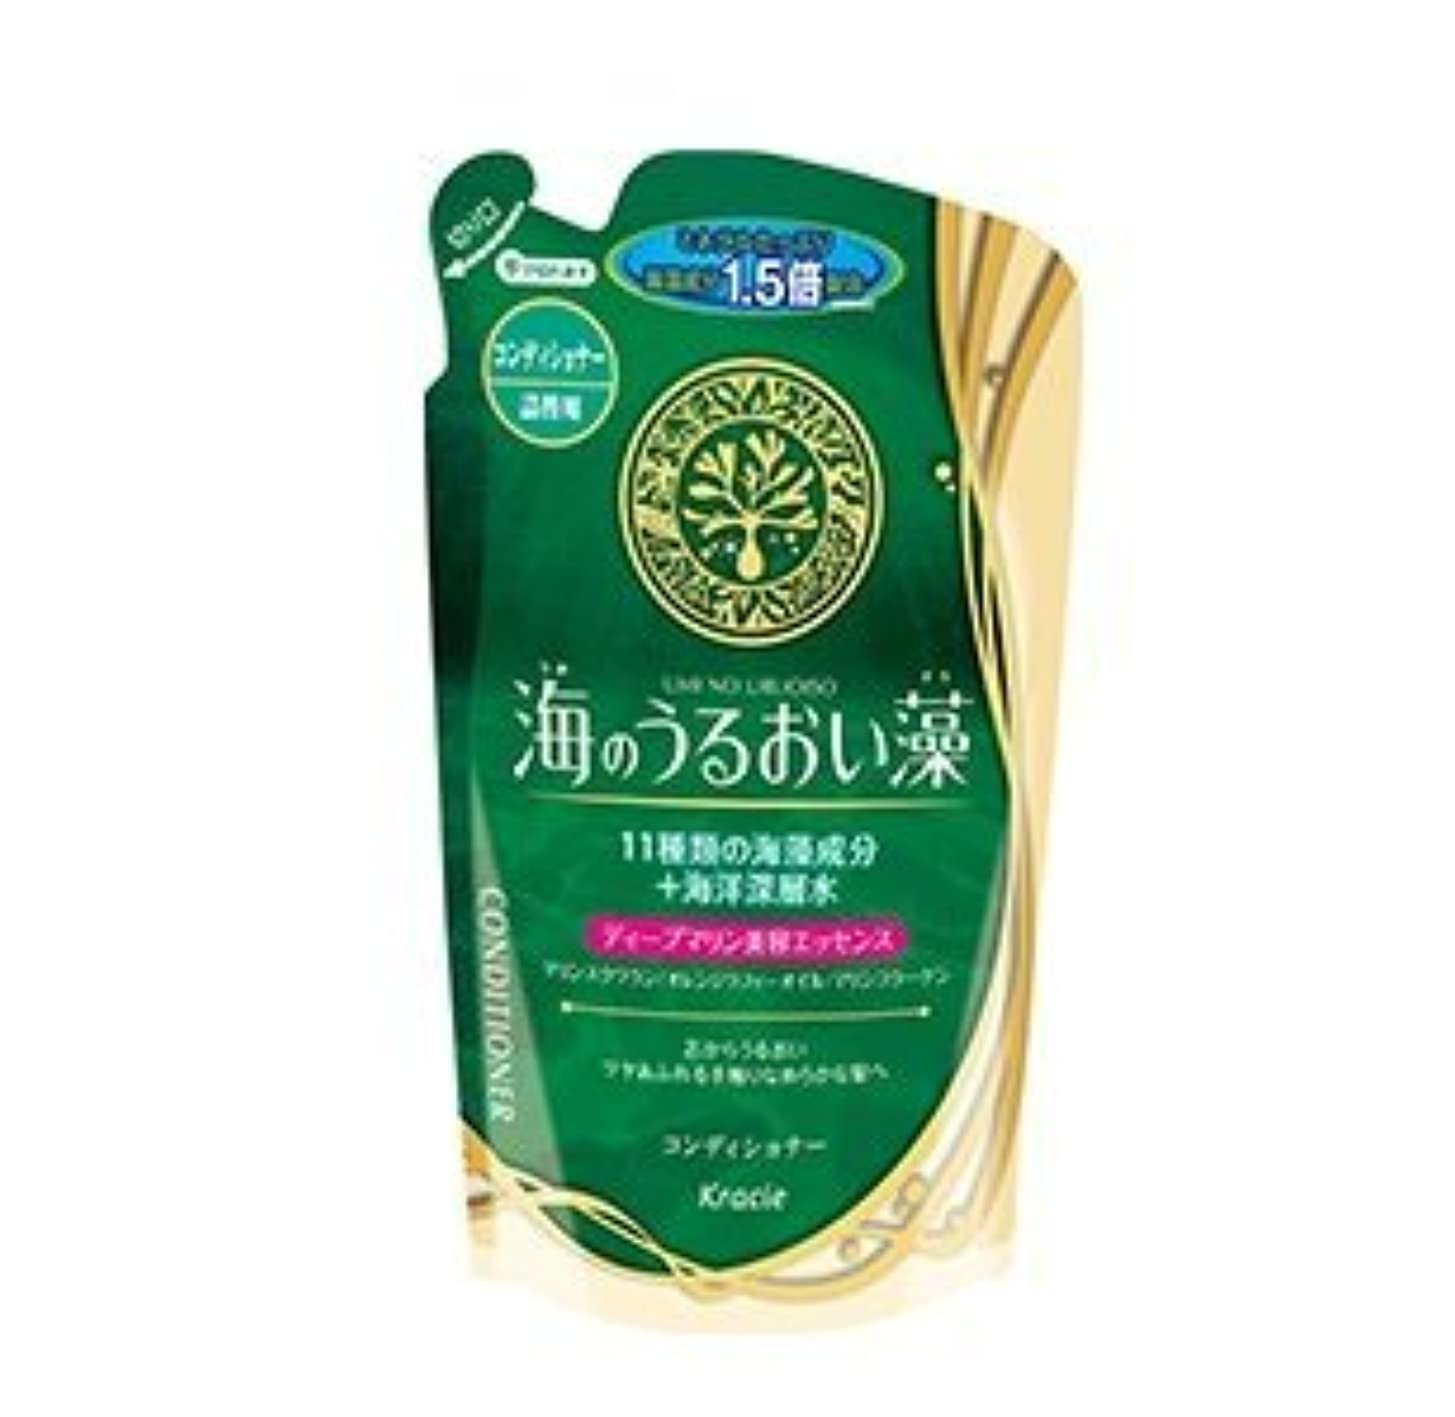 退屈じゃがいもうめき【まとめ買い】海のうるおい藻 コンディショナー 詰替用 420mL ×2セット